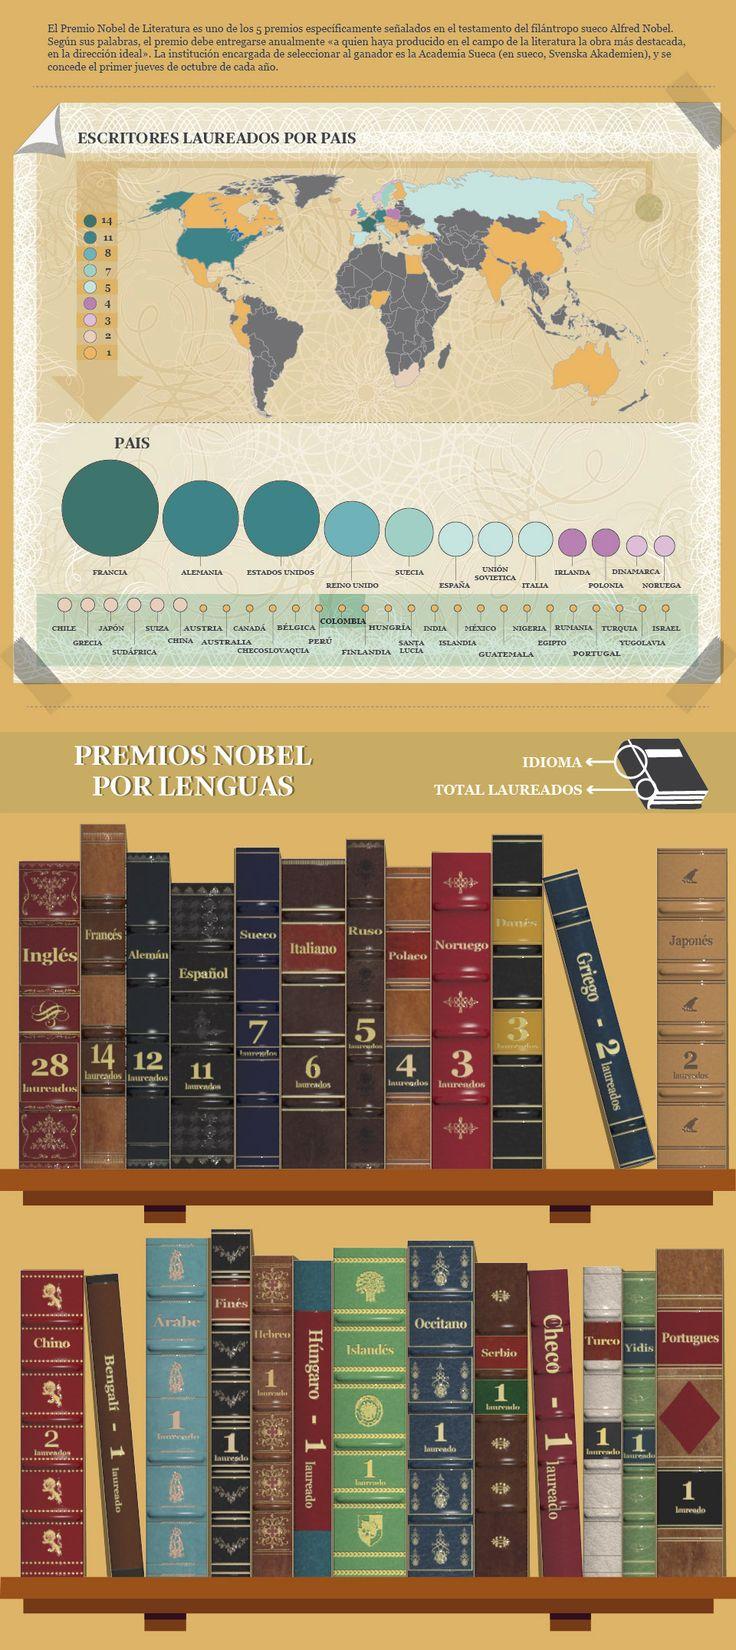 Premios Nobel de literatura clasificados por lenguas